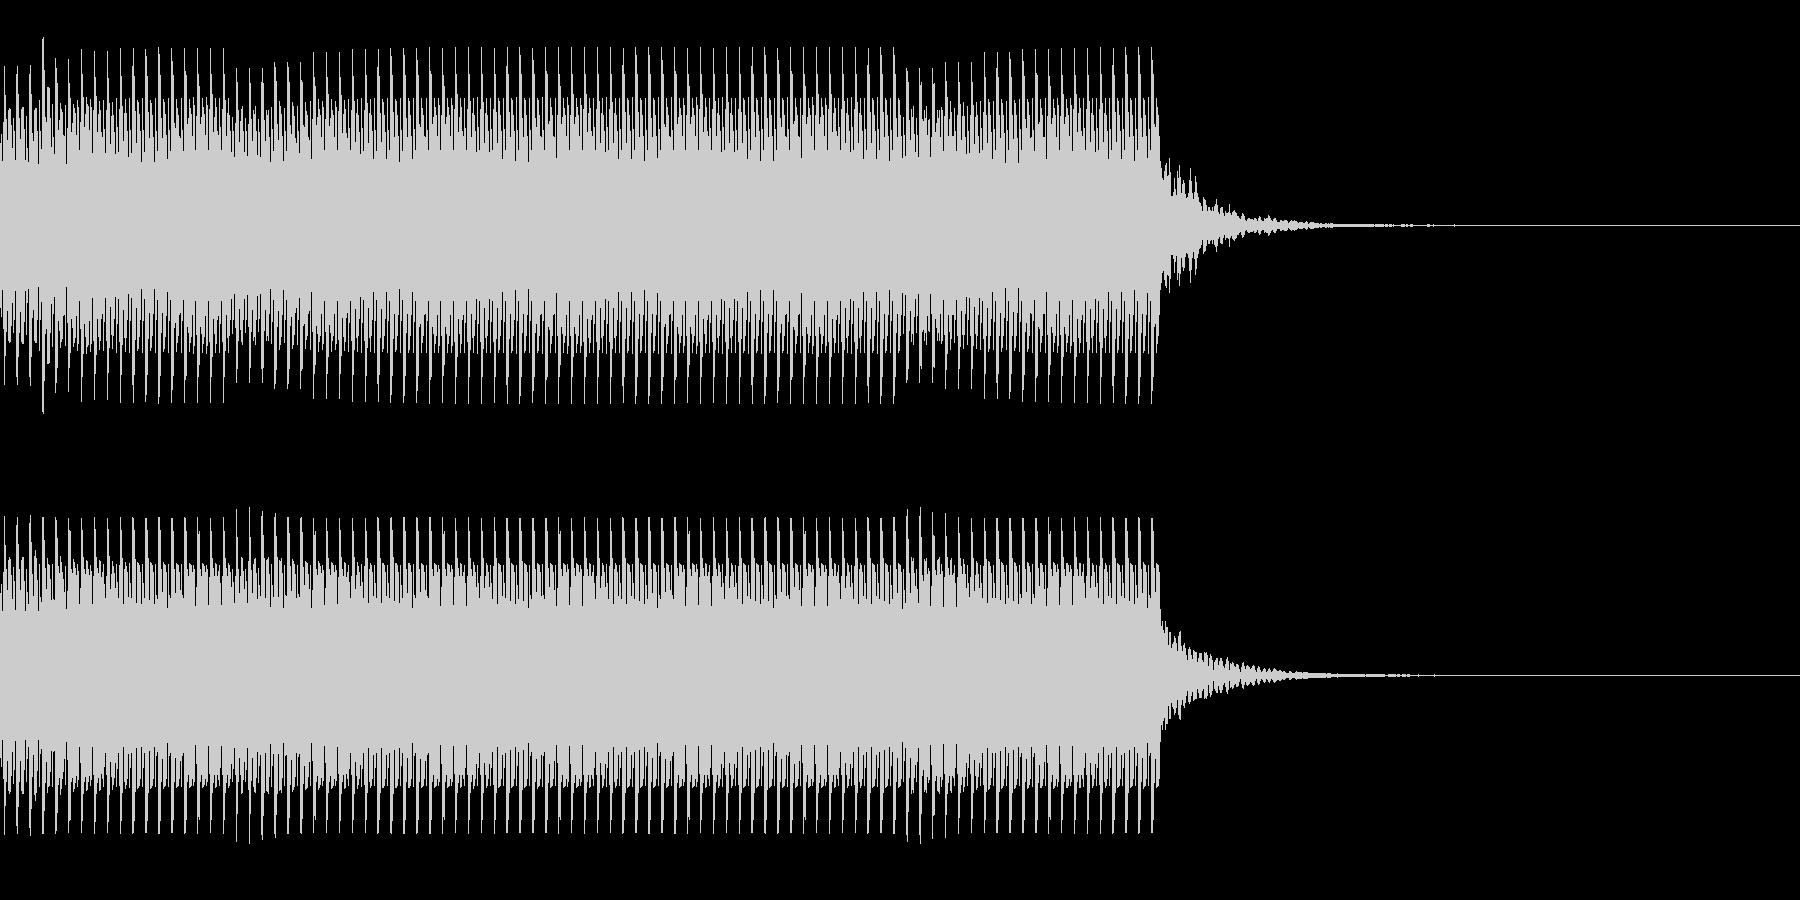 コイン90枚獲得 集計 スコア チャリンの未再生の波形